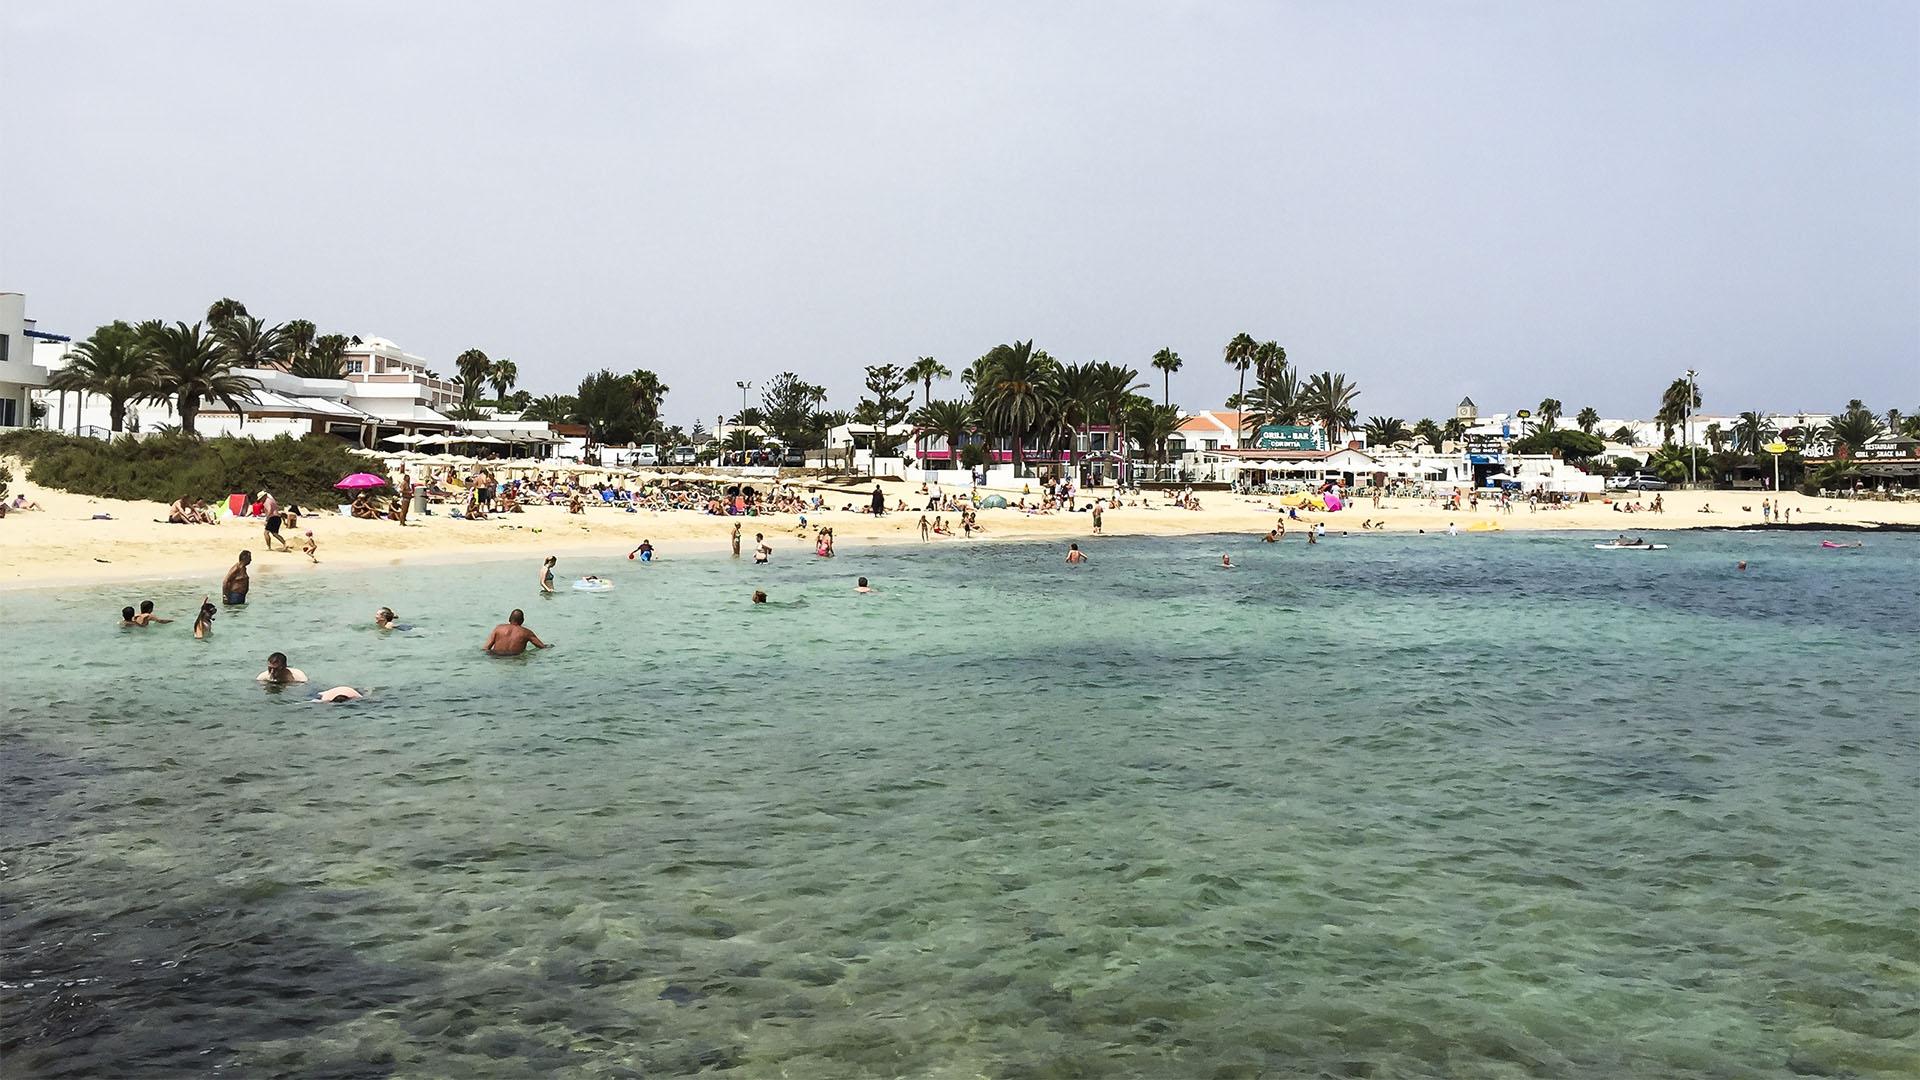 Die Strände Fuerteventuras: Playa de Corralejo Viejo – Playa de los Verilitos